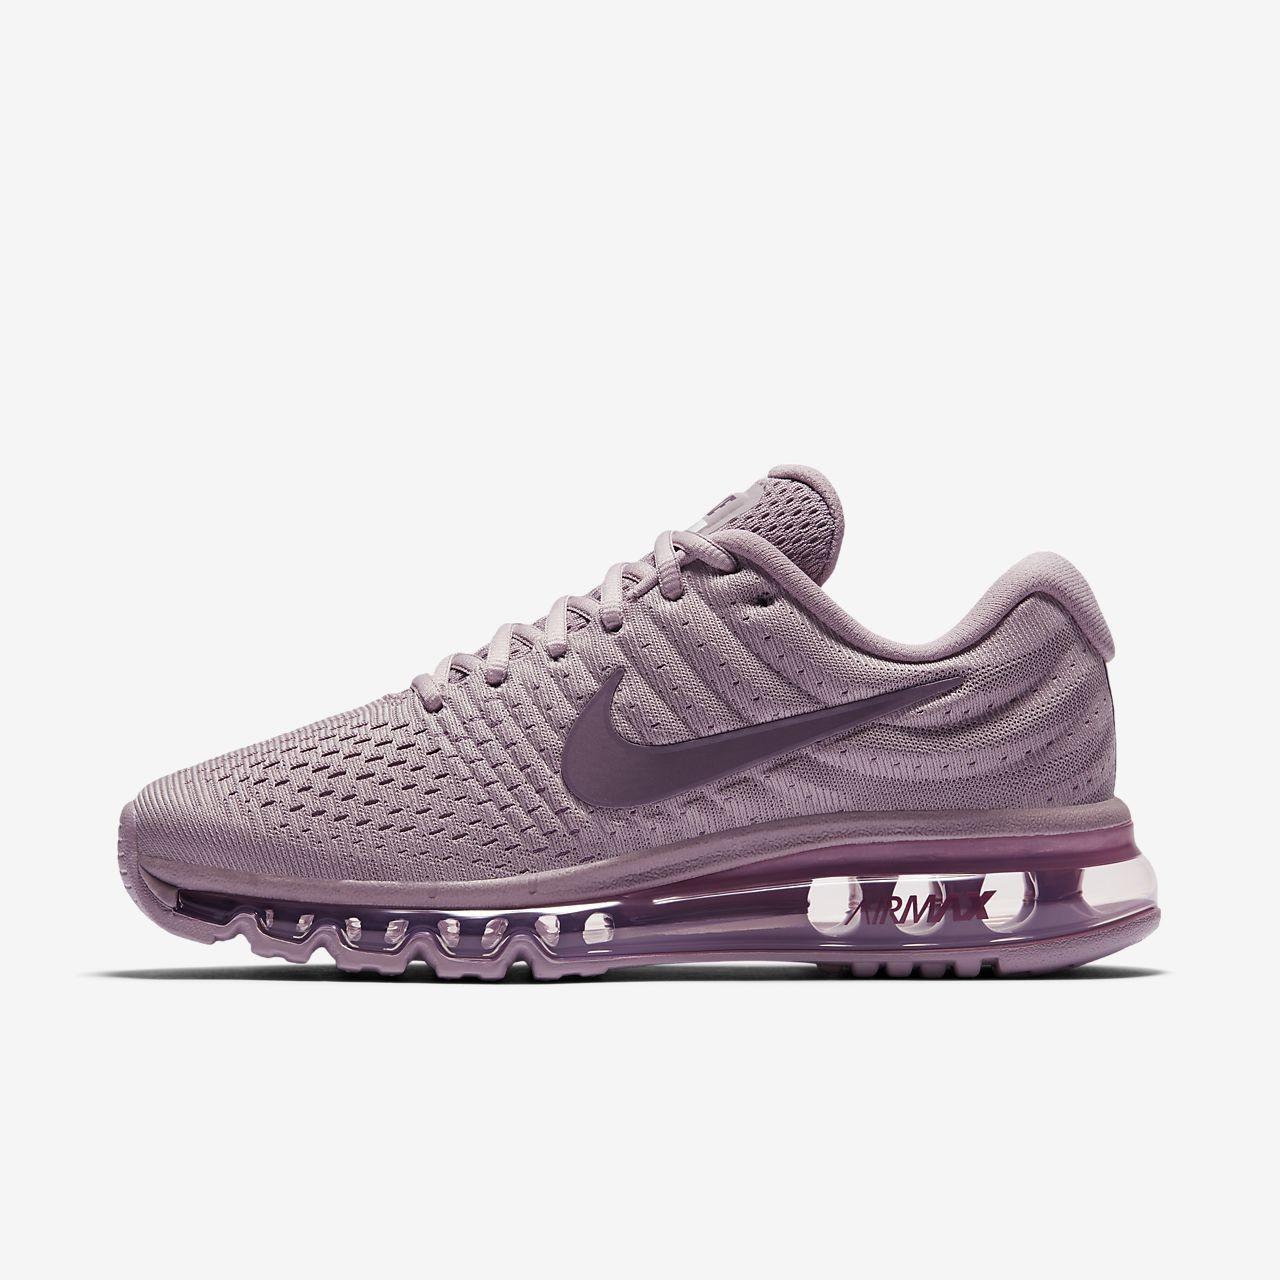 chaussures nike femme air max 2017